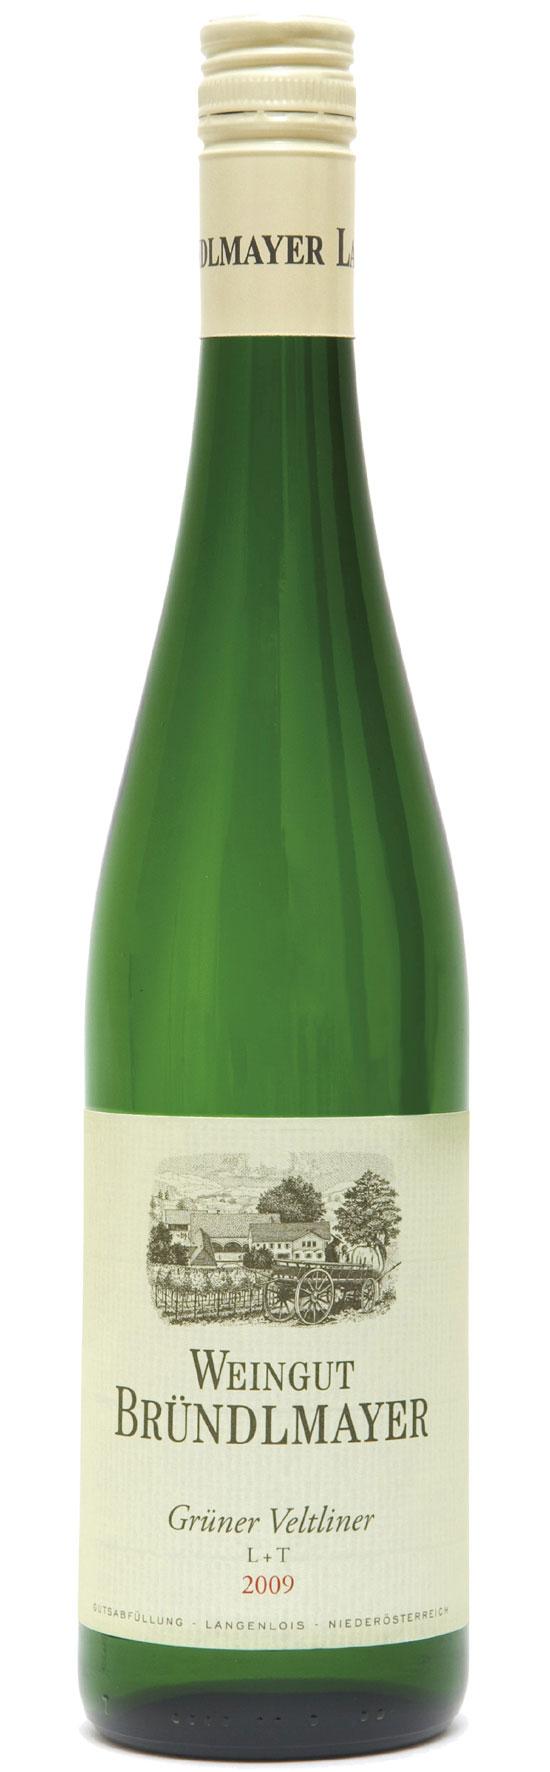 Weingut Bründlmayer Grüner Veltliner L & T 2020